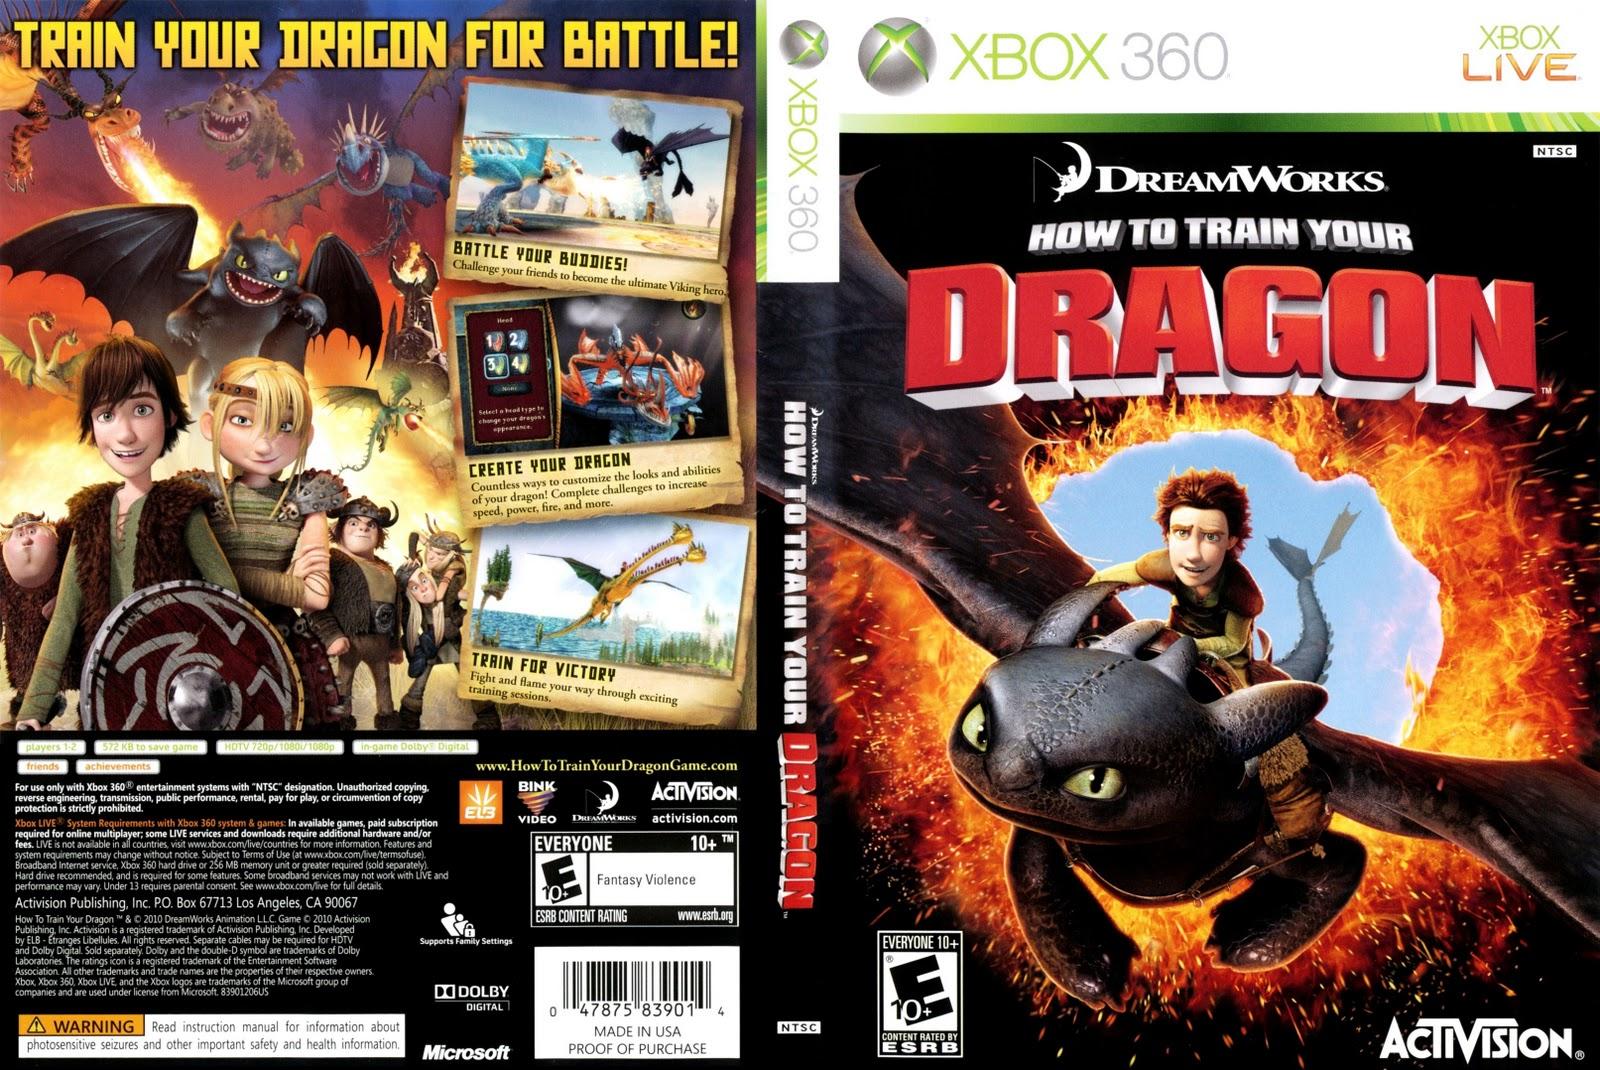 Capa how to train your dragon xbox 360 gamecover capas capa how to train your dragon xbox 360 gamecover capas customizadas para dvd e bluray ccuart Choice Image